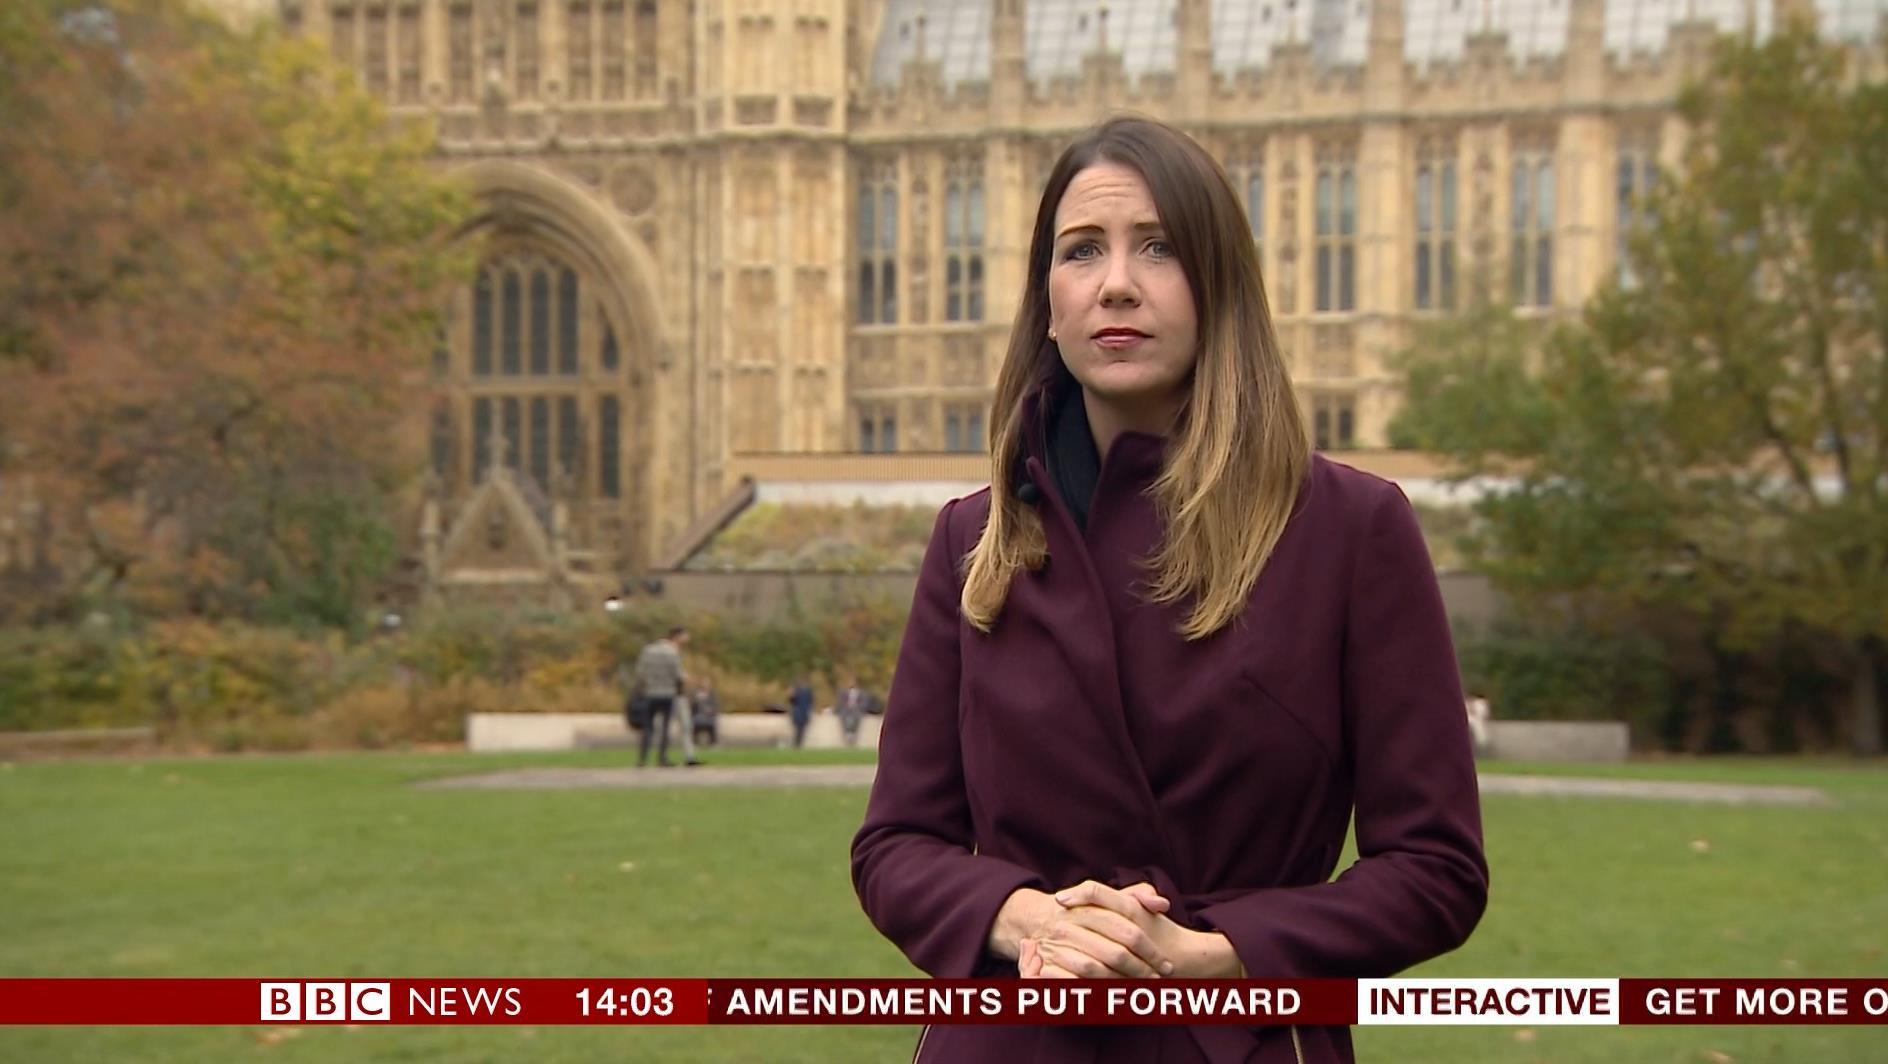 Alex Forsyth - BBC News Political Correspondent (1)